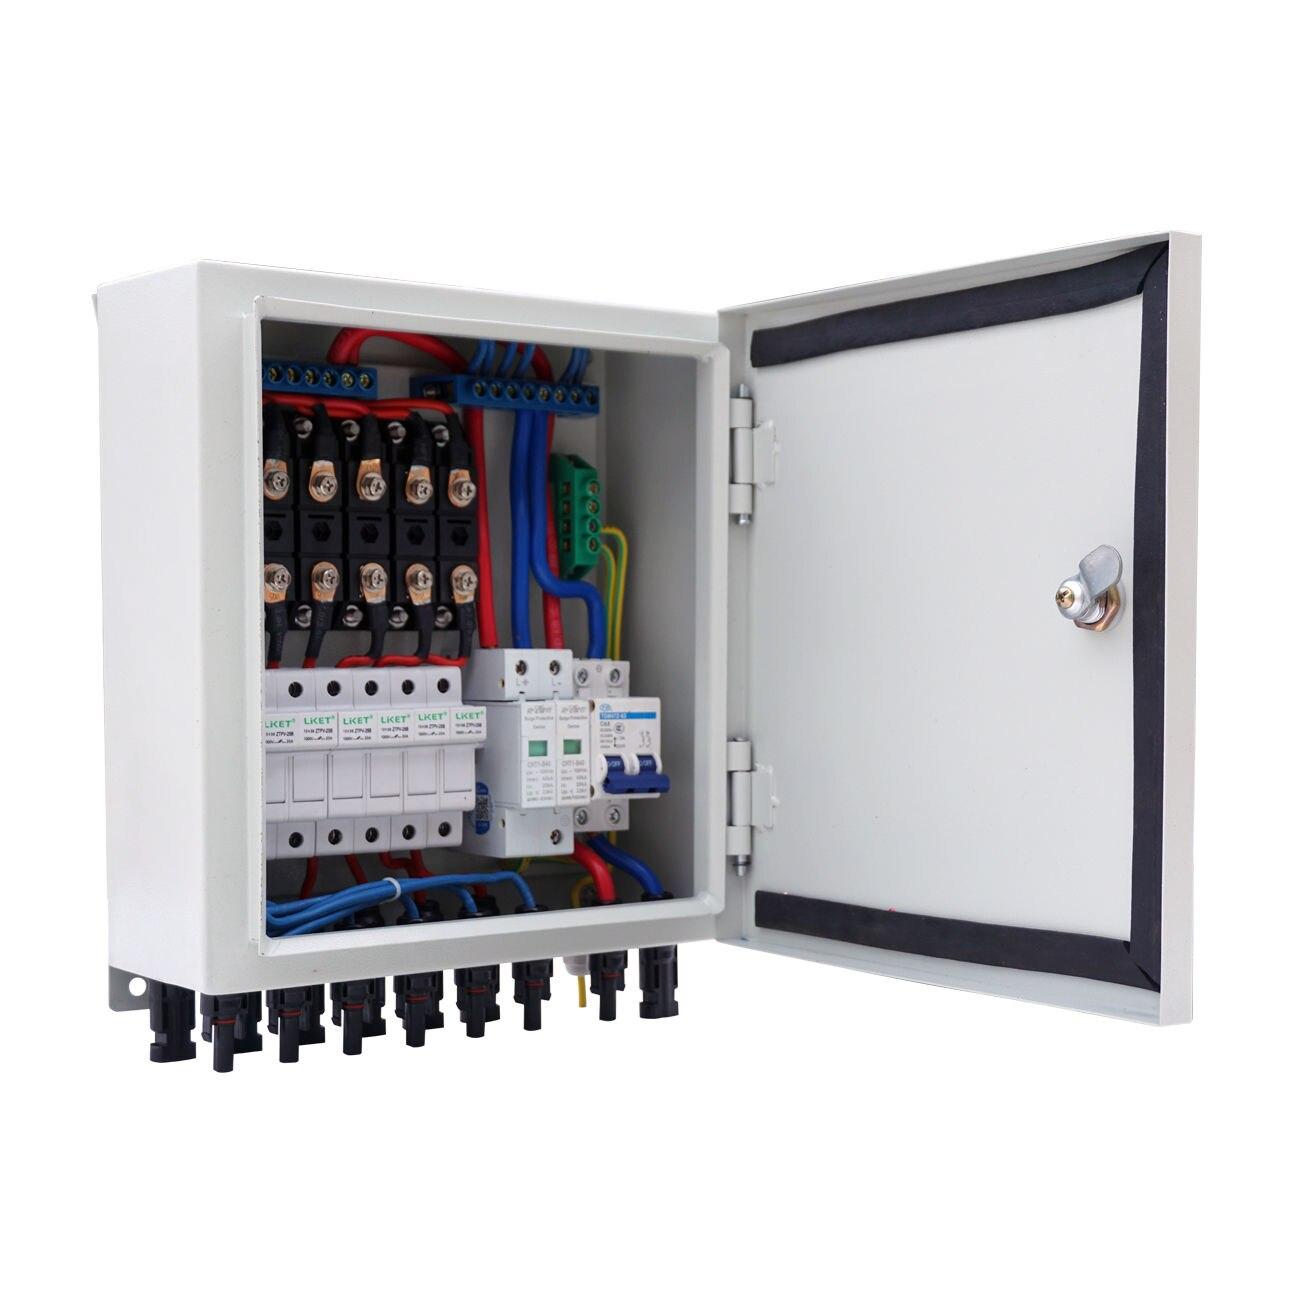 6-chaîne Solaire PV Combiner Box W Disjoncteurs Contre Les Surtensions Protection Contre La Foudre